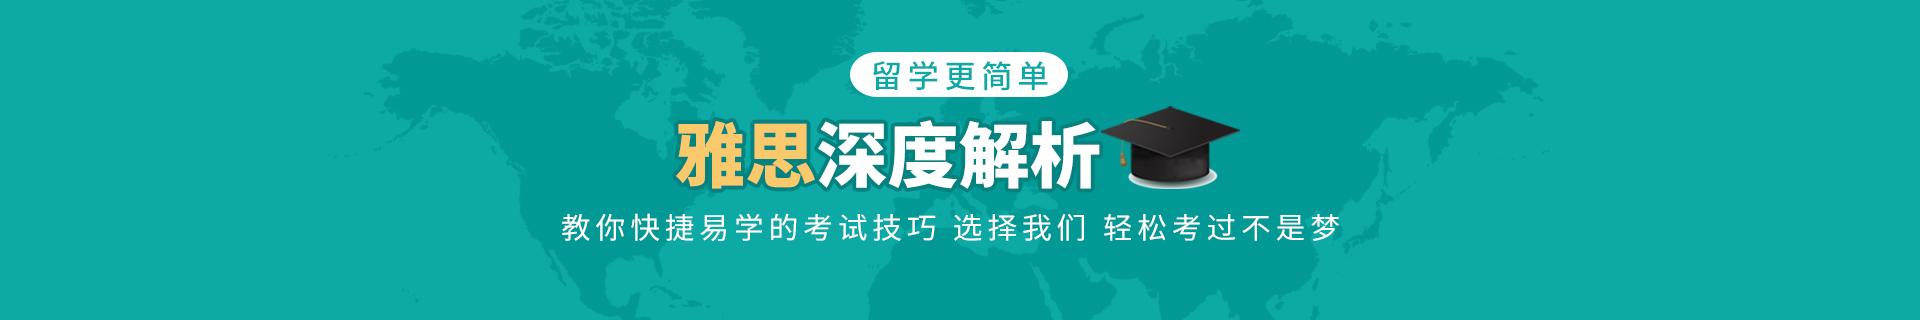 重庆沙坪坝区新航道英语培训